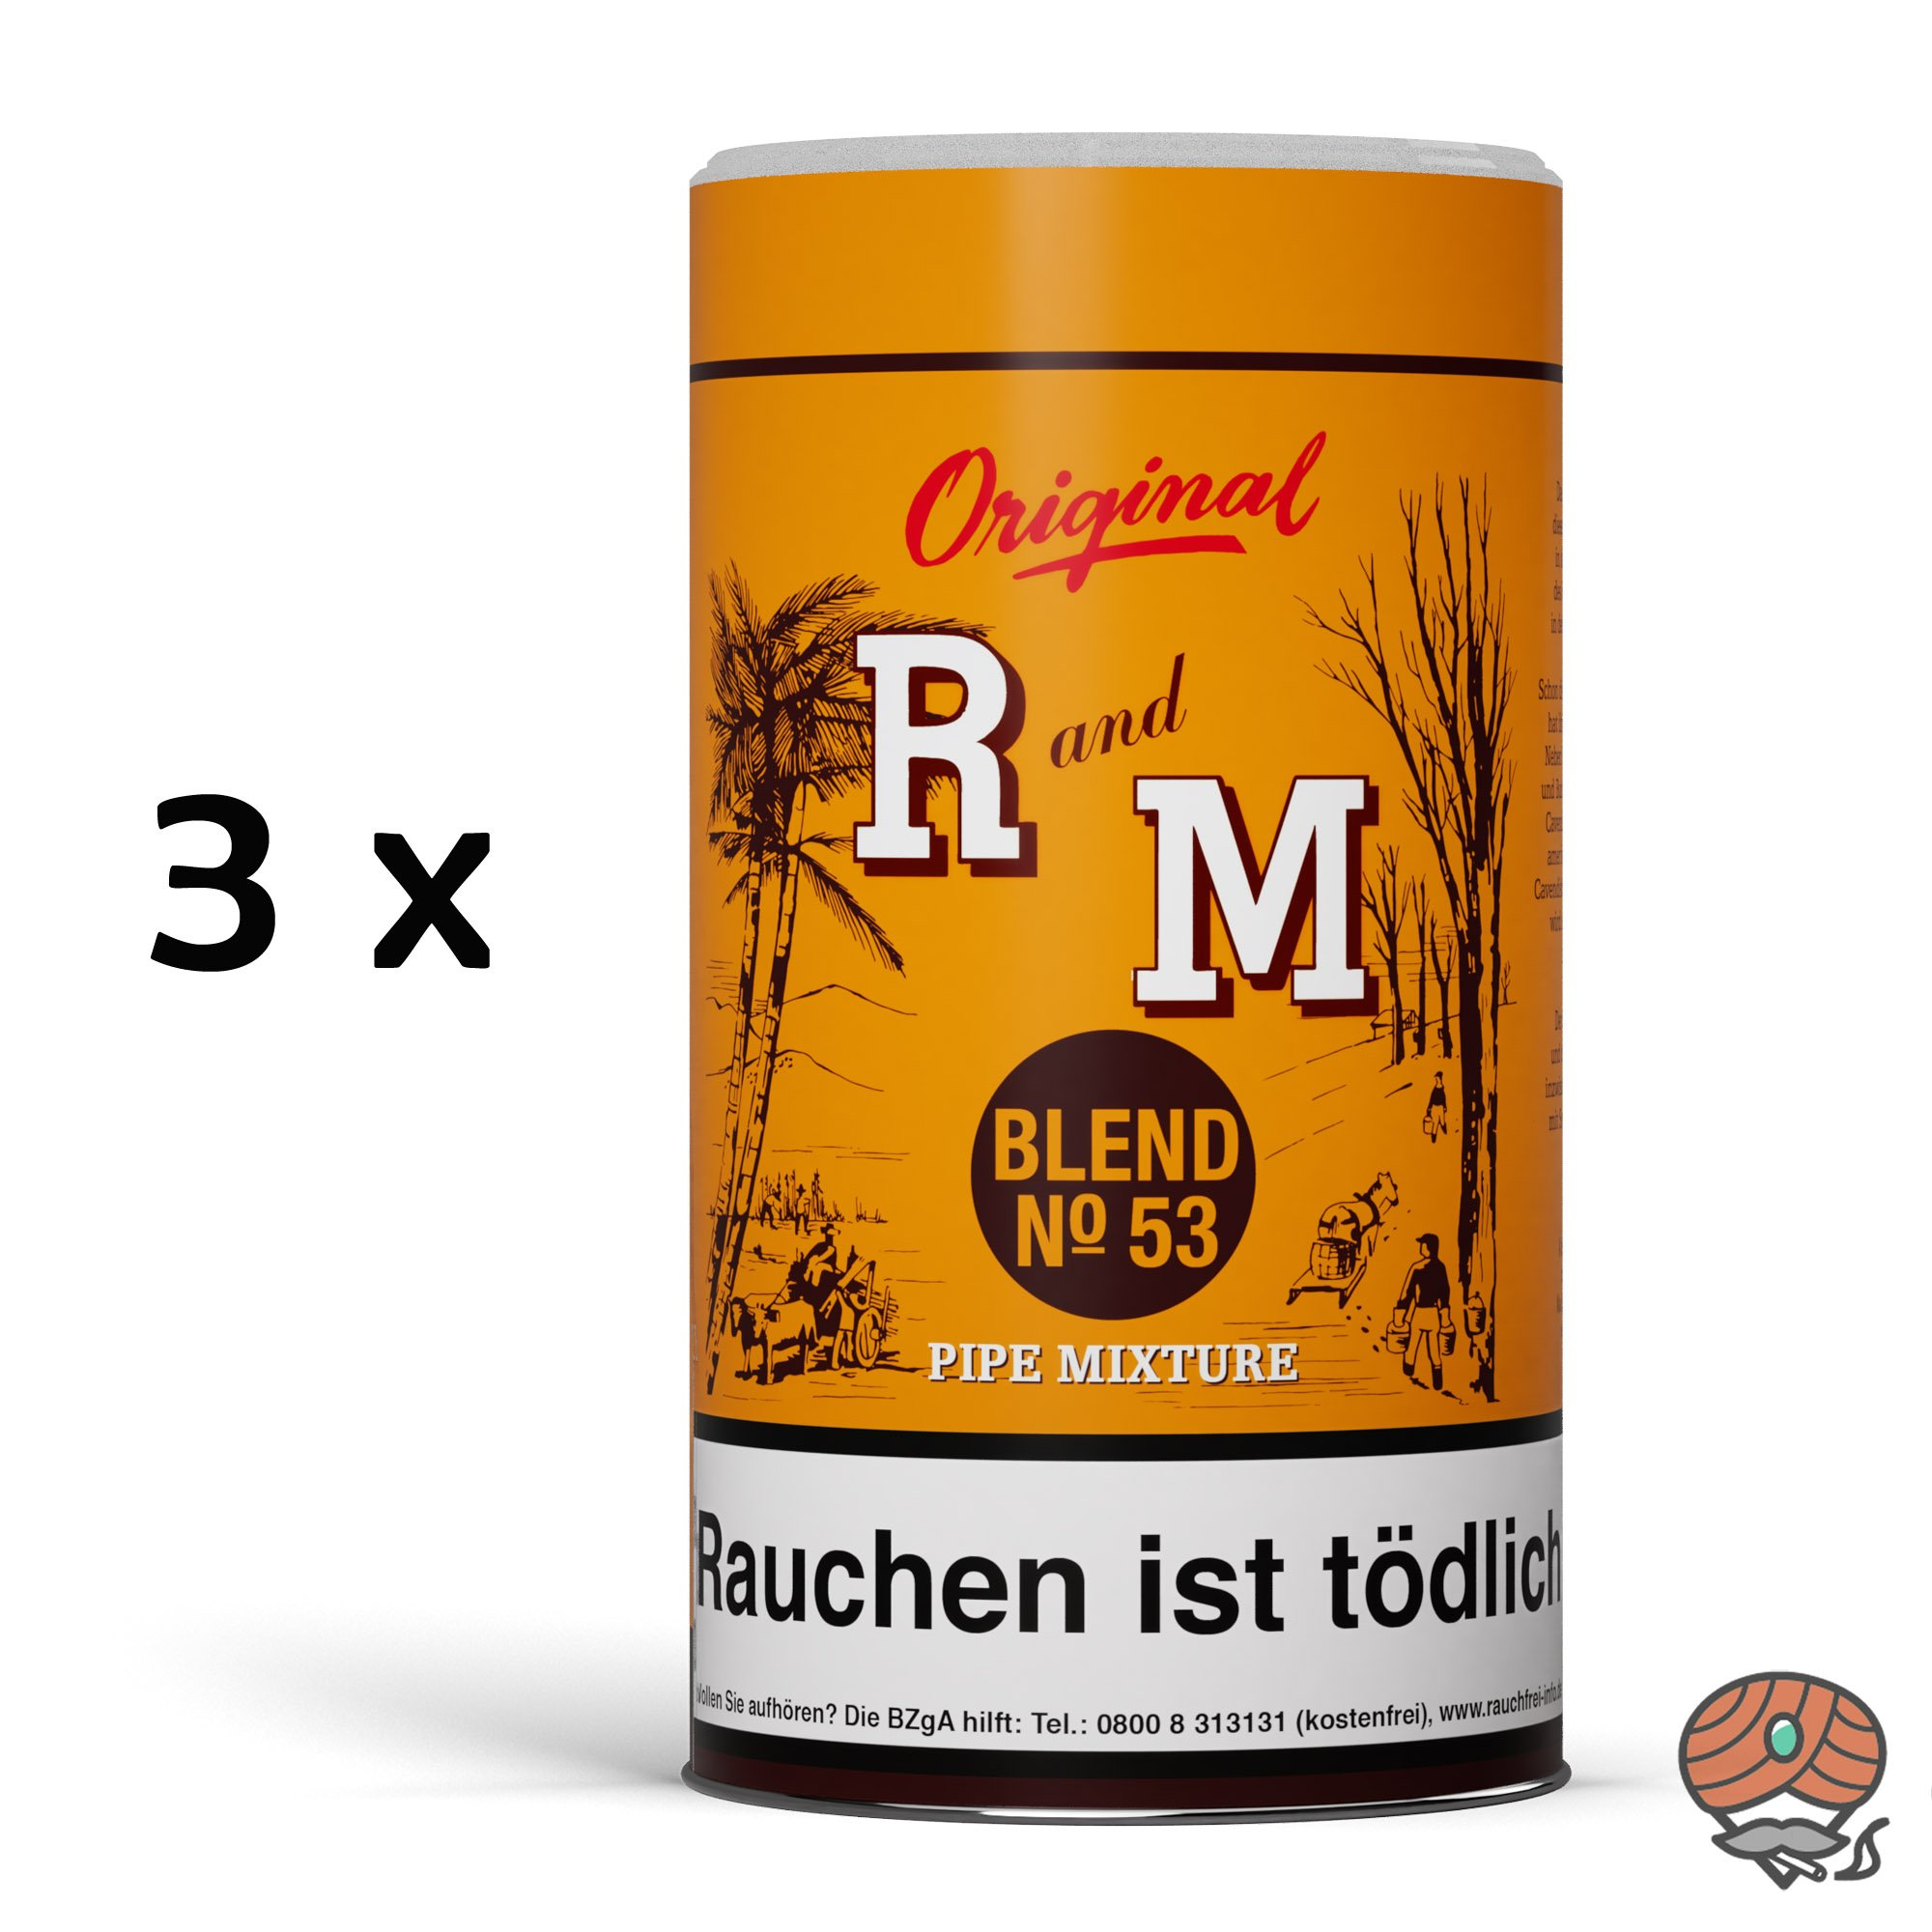 3 x R und M (Rum and Maple) Original Blend No. 53 Pfeifentabak 250g Dose